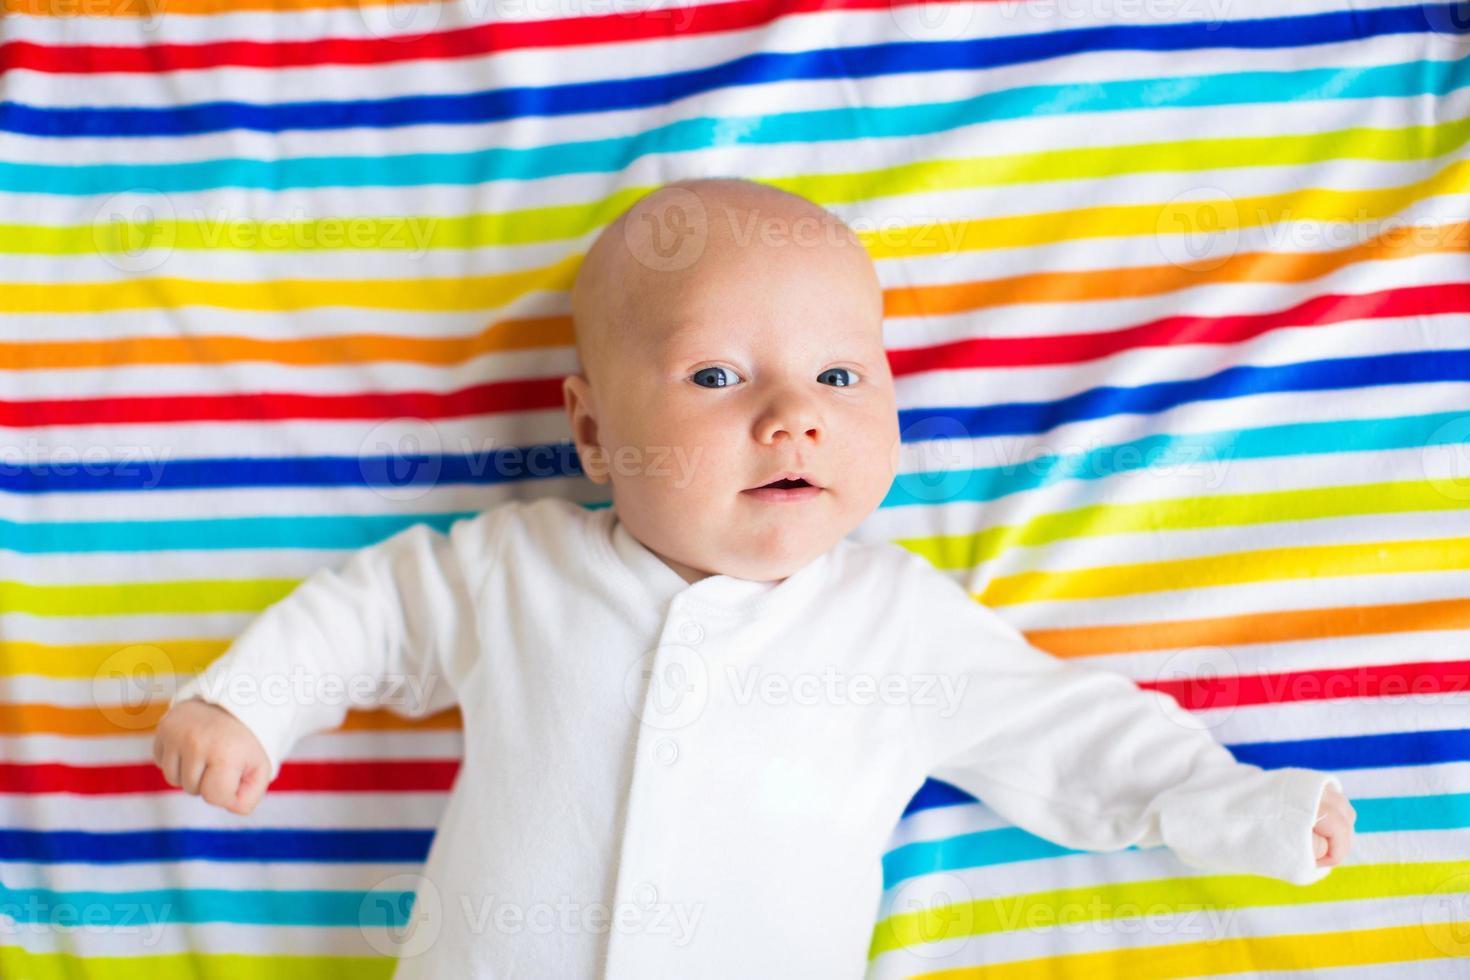 joli bébé sur une couverture colorée photo